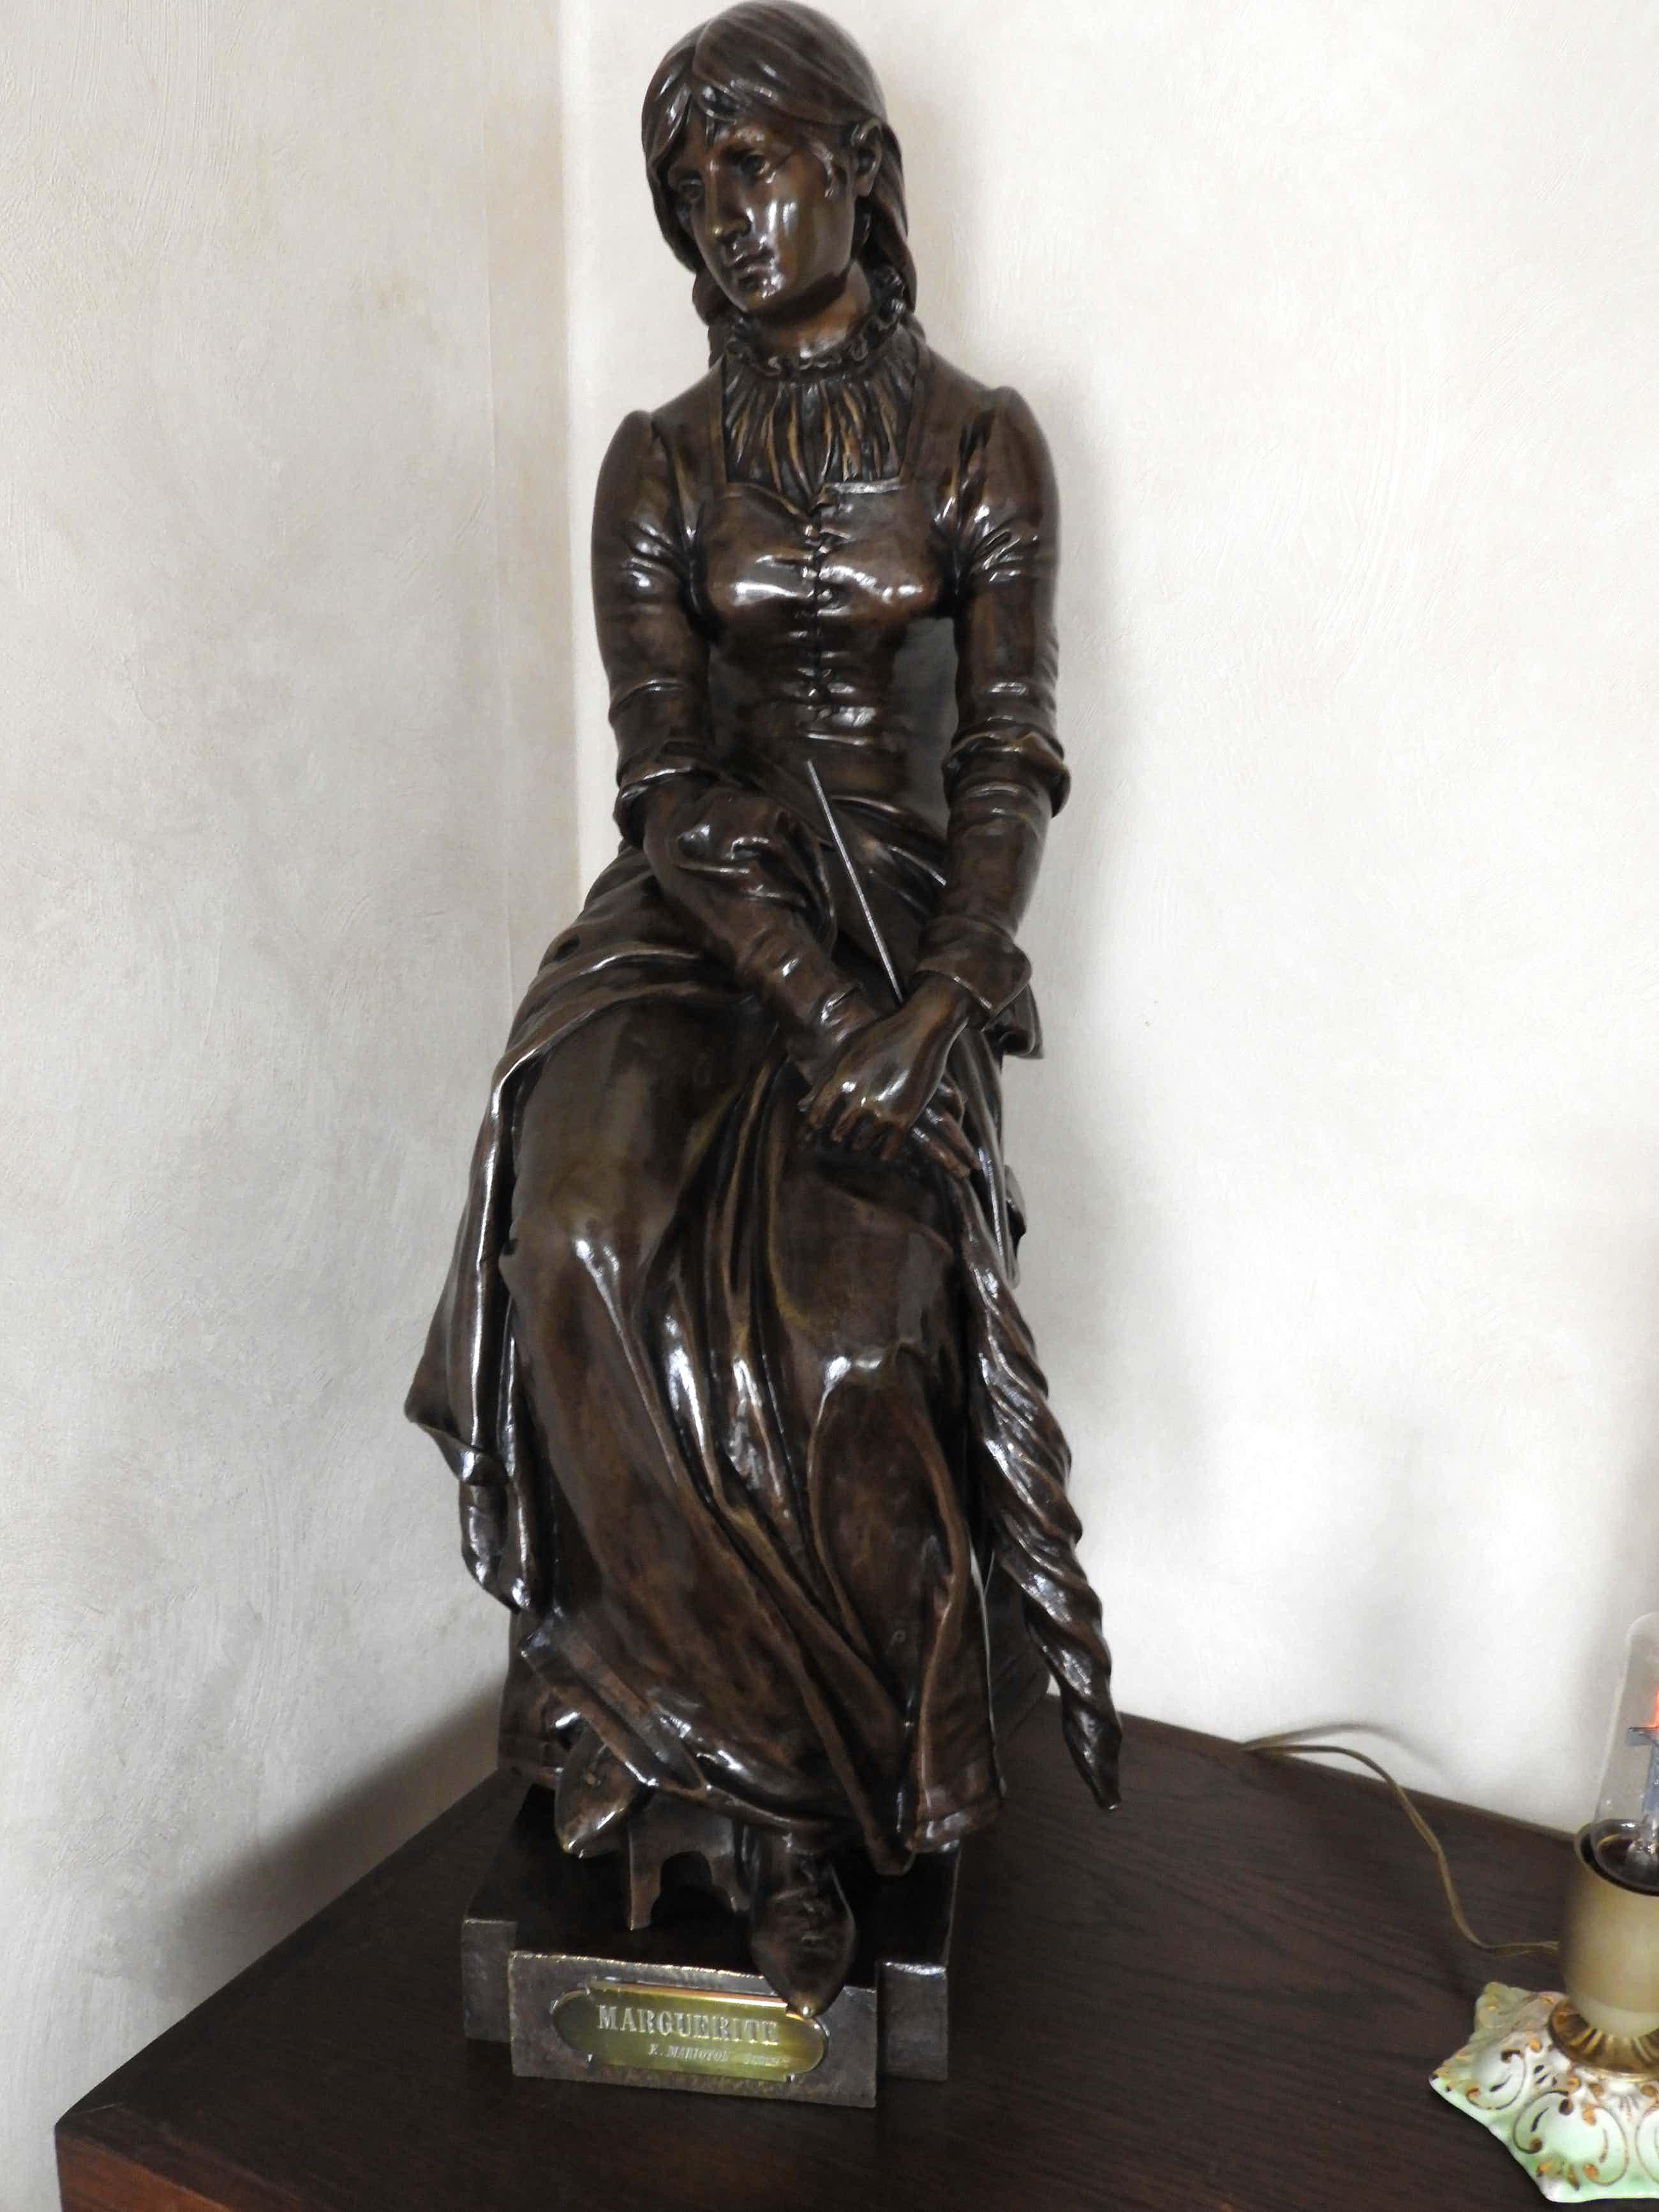 """Eugène Marioton - bronzen beeld """" Marquerite """" kopen? Bied vanaf 1850!"""